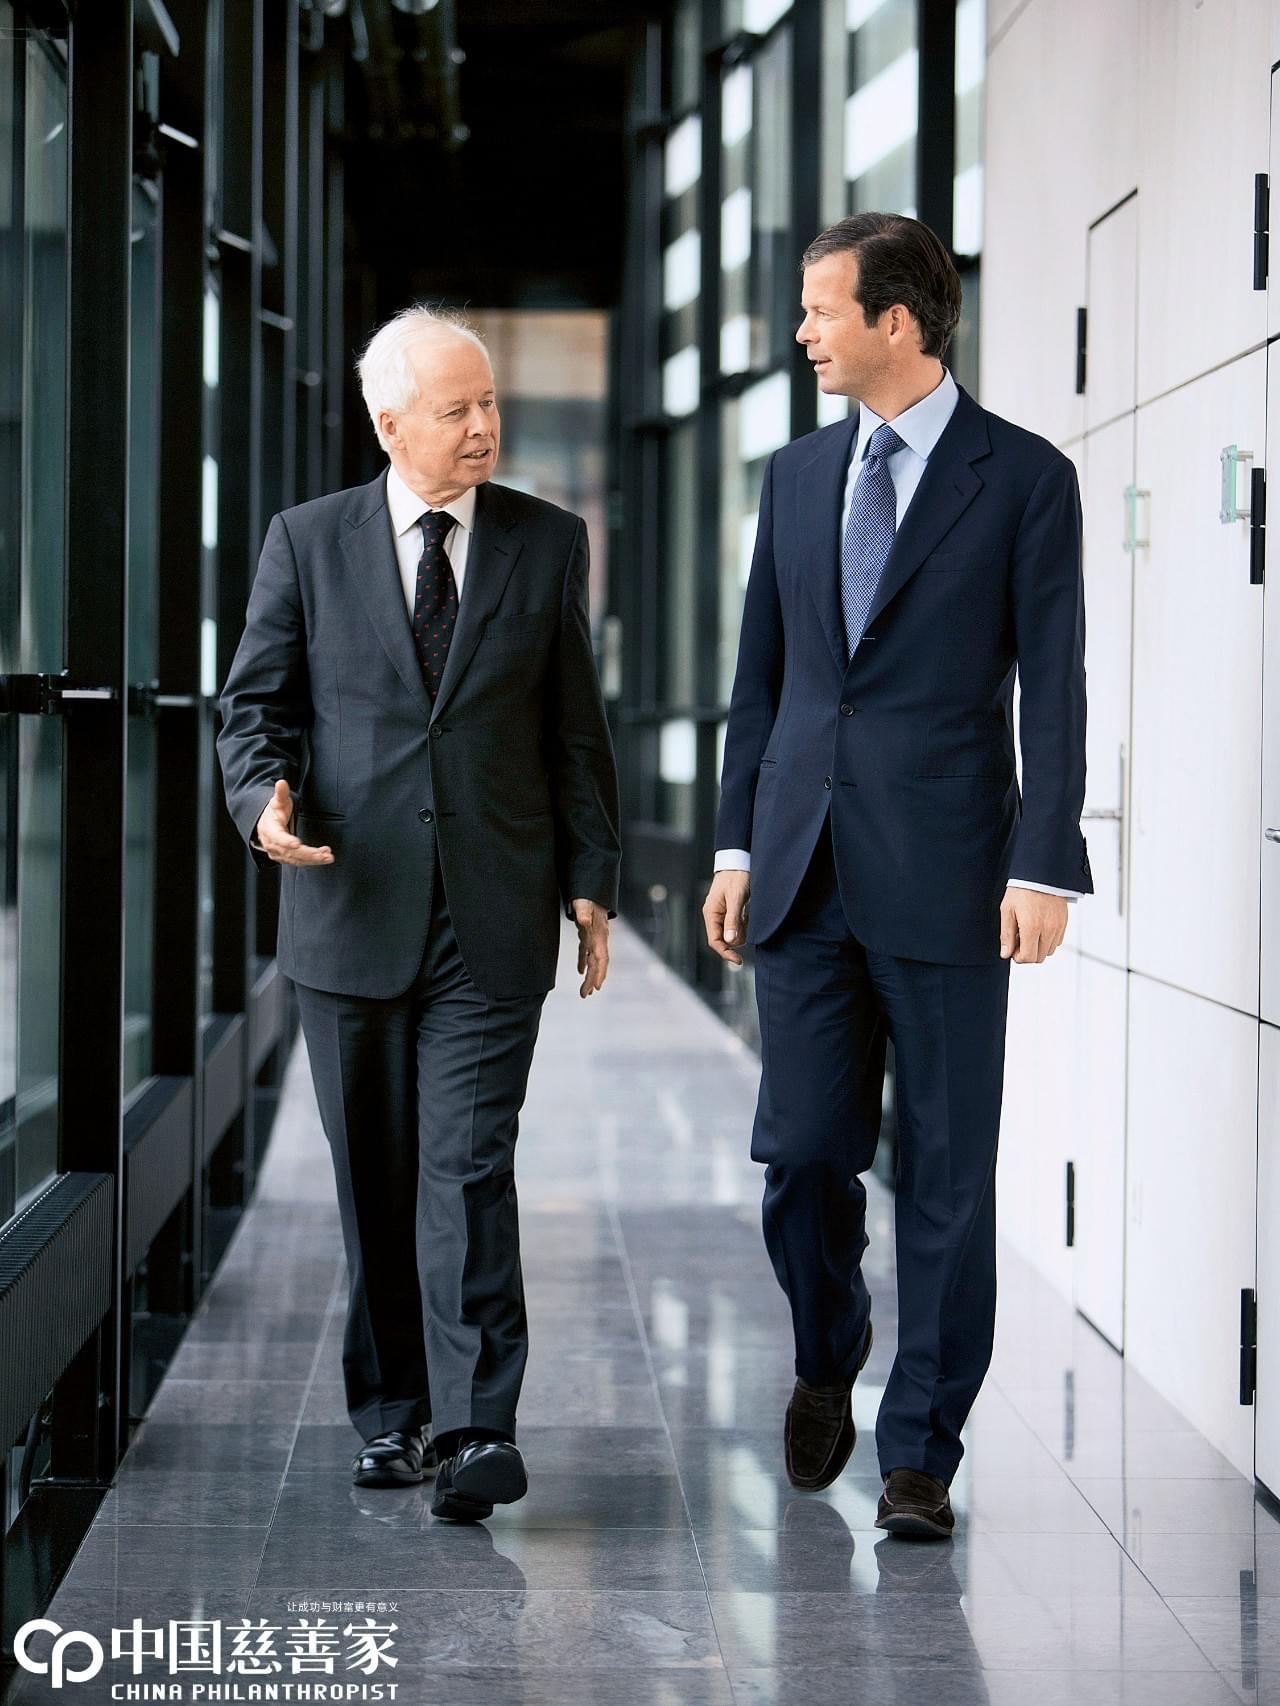 这位掌控万亿资产的欧洲王子 为何钟情于慈善事业